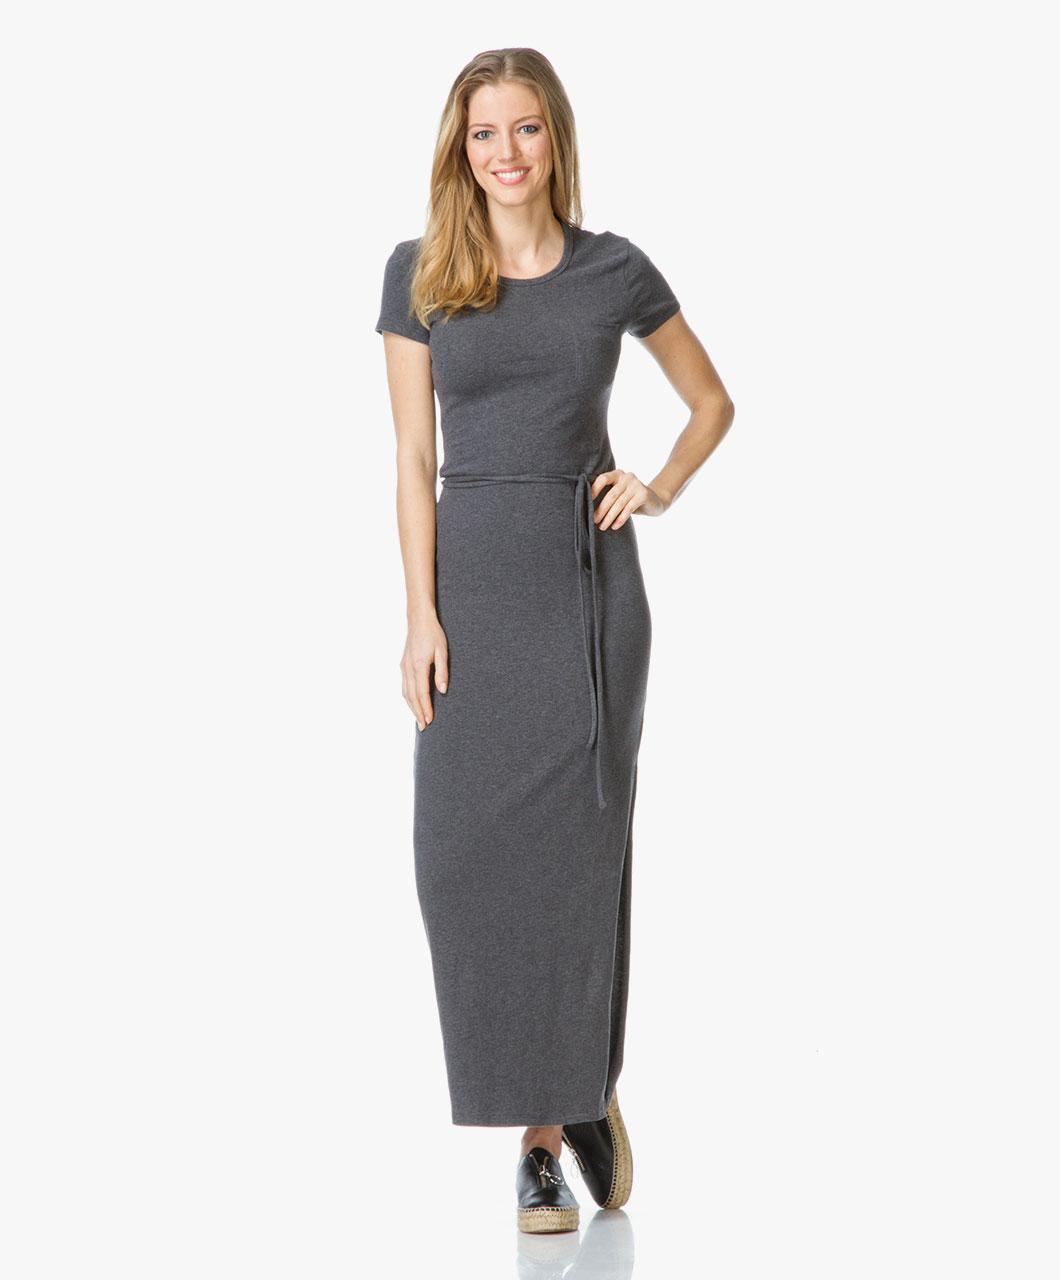 James Perse Jersey Maxi Tee Dress - Grey - wmu6905 hca